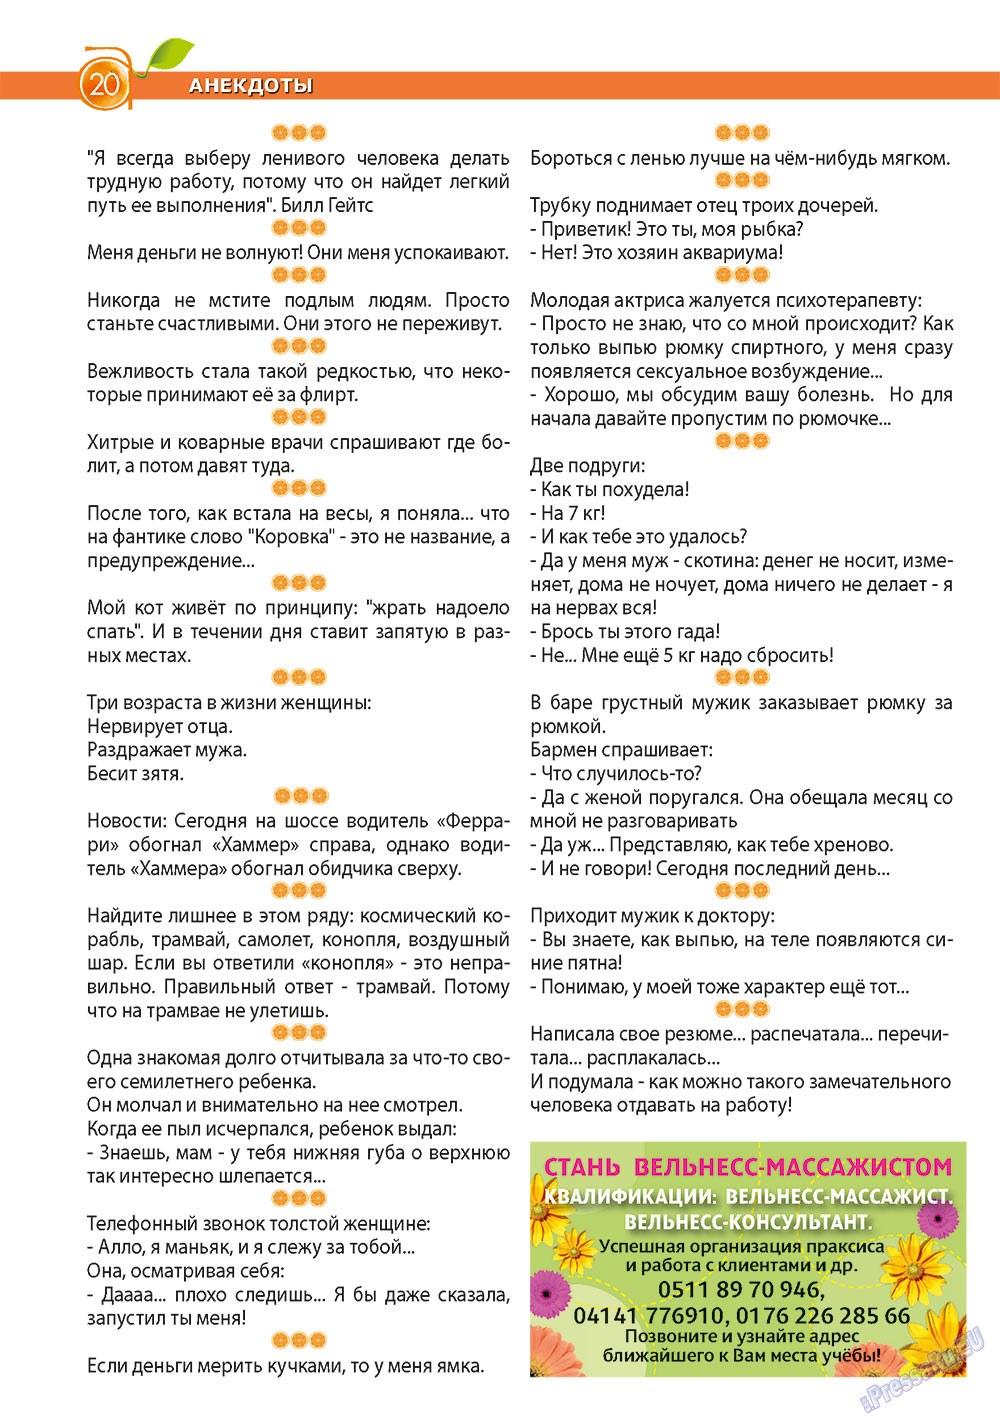 Апельсин (журнал). 2012 год, номер 41, стр. 20